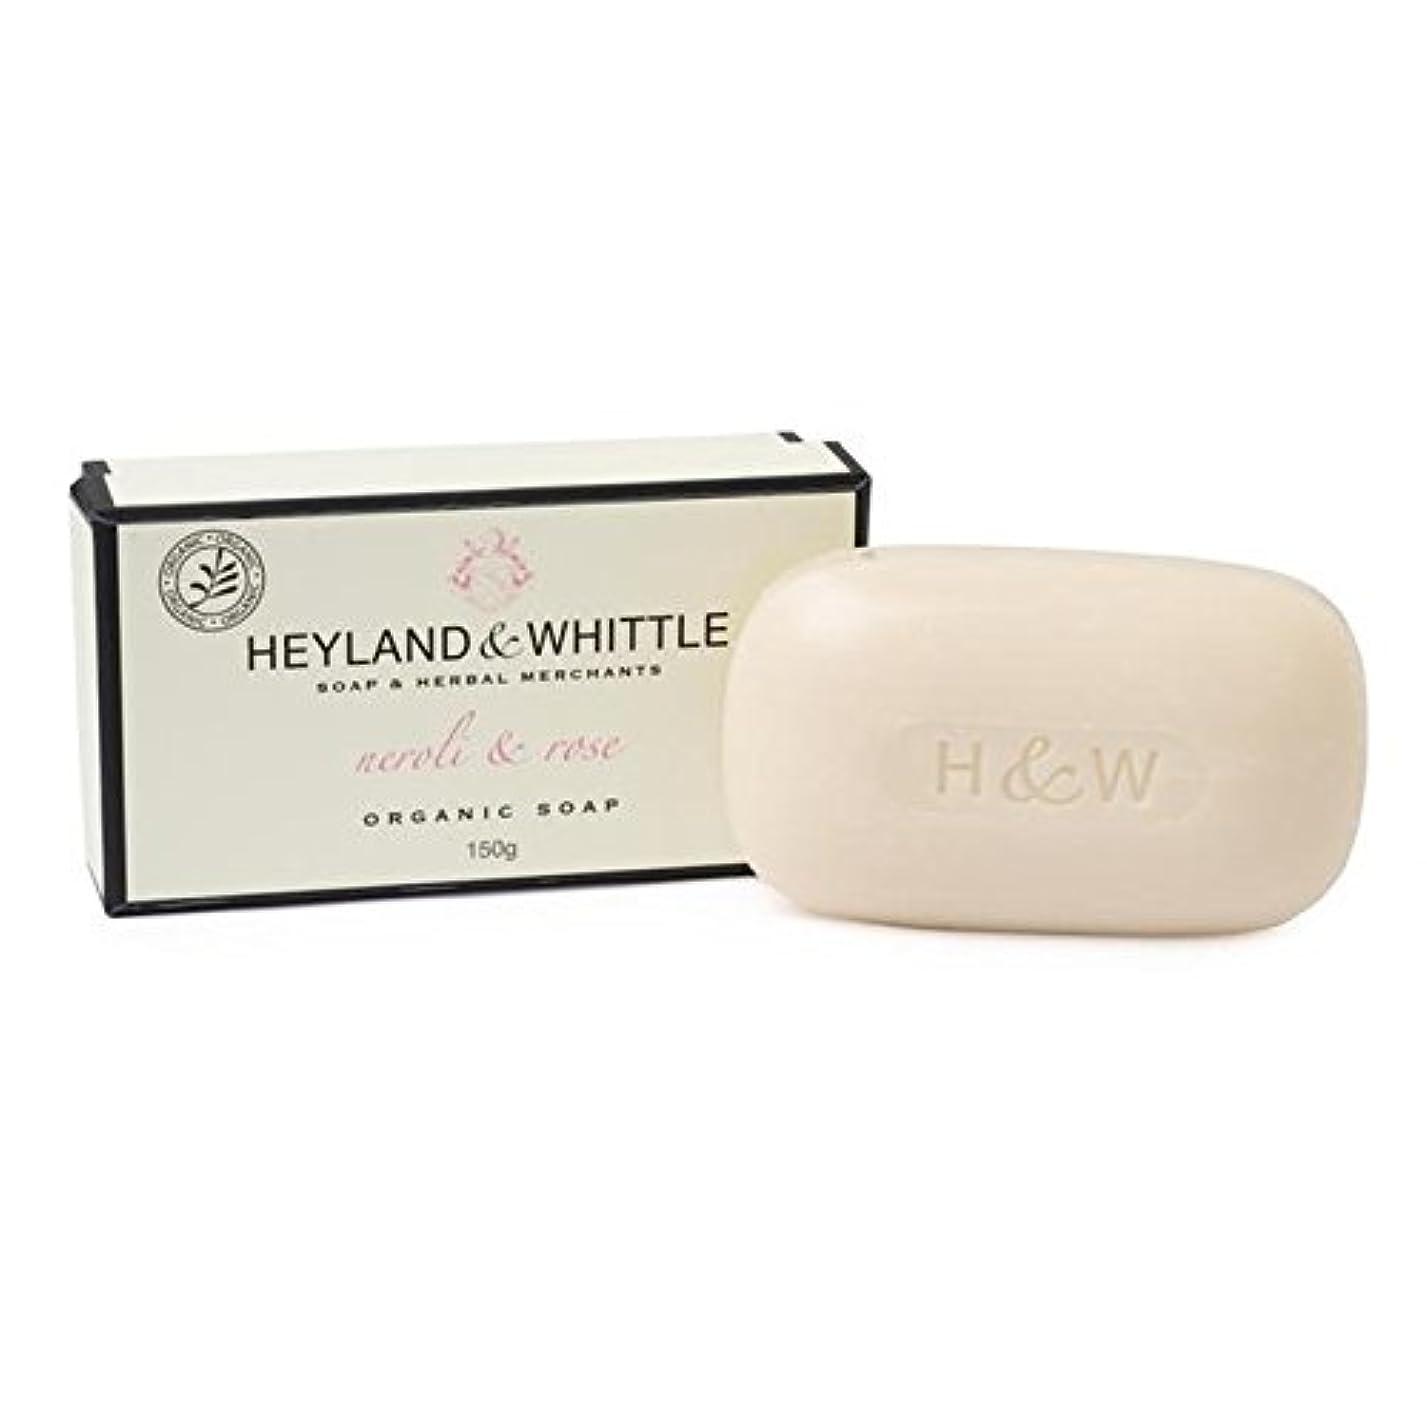 輪郭ガス杖Heyland & Whittle Organic Neroli & Rose Soap Bar 150g (Pack of 6) - &削る有機ネロリ&ソープバー150グラムをバラ x6 [並行輸入品]